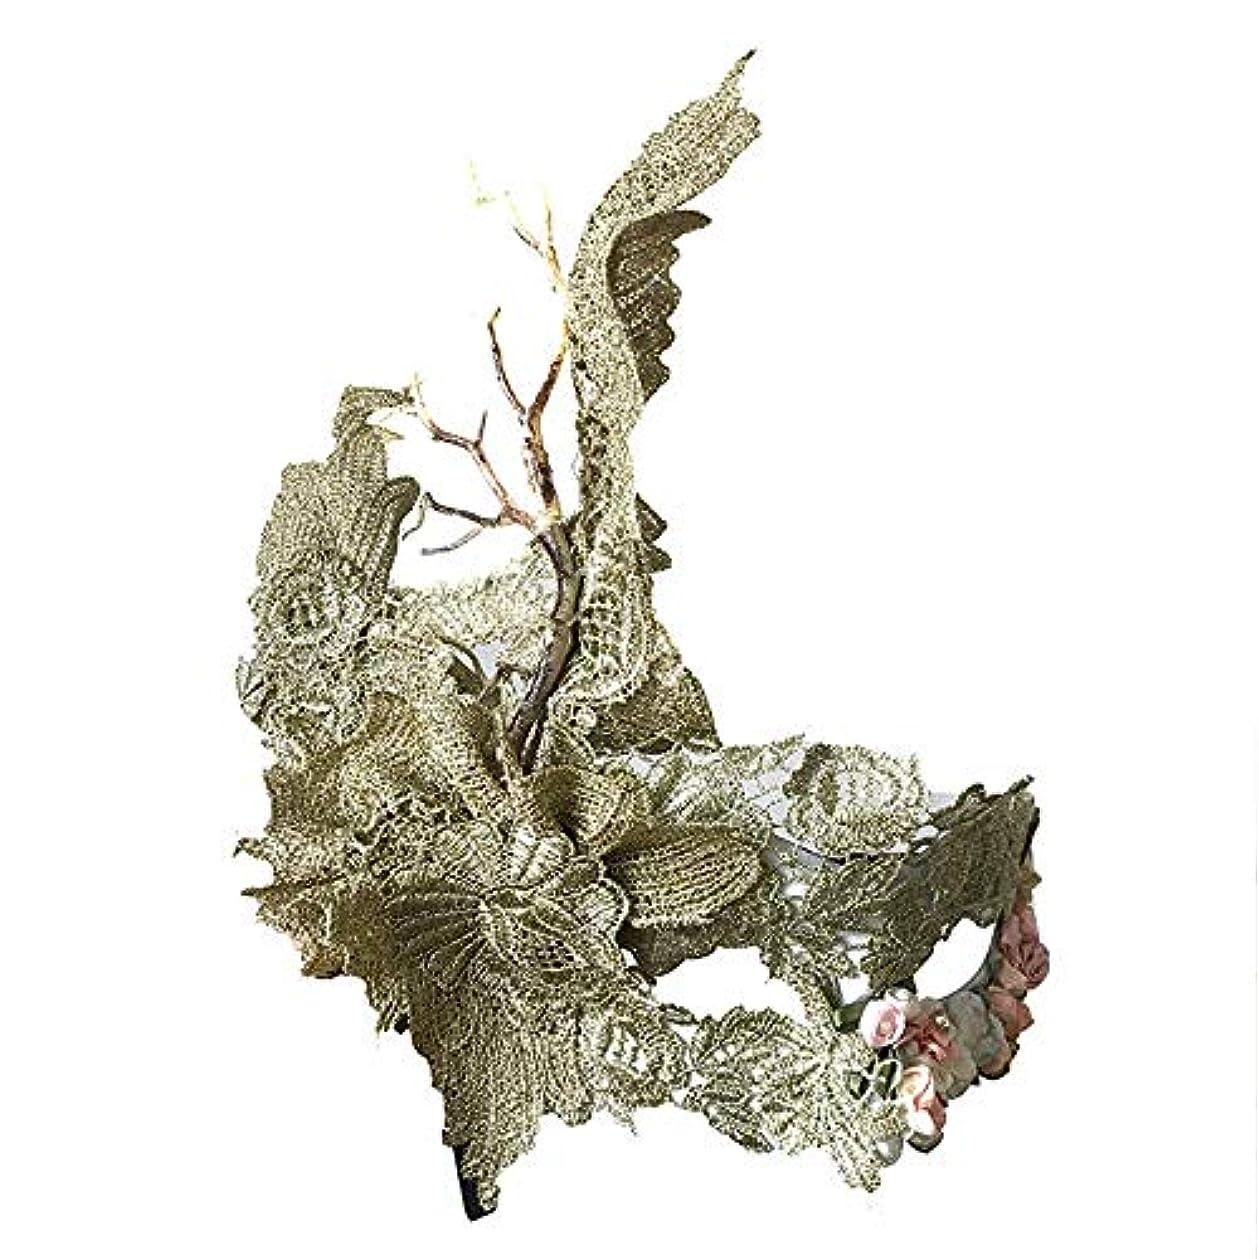 コンクリート理想的予想するNanle ハロウィーン手刺繍乾燥ブランチマスク仮装マスクレディミスプリンセス美容祭パーティー装飾マスク